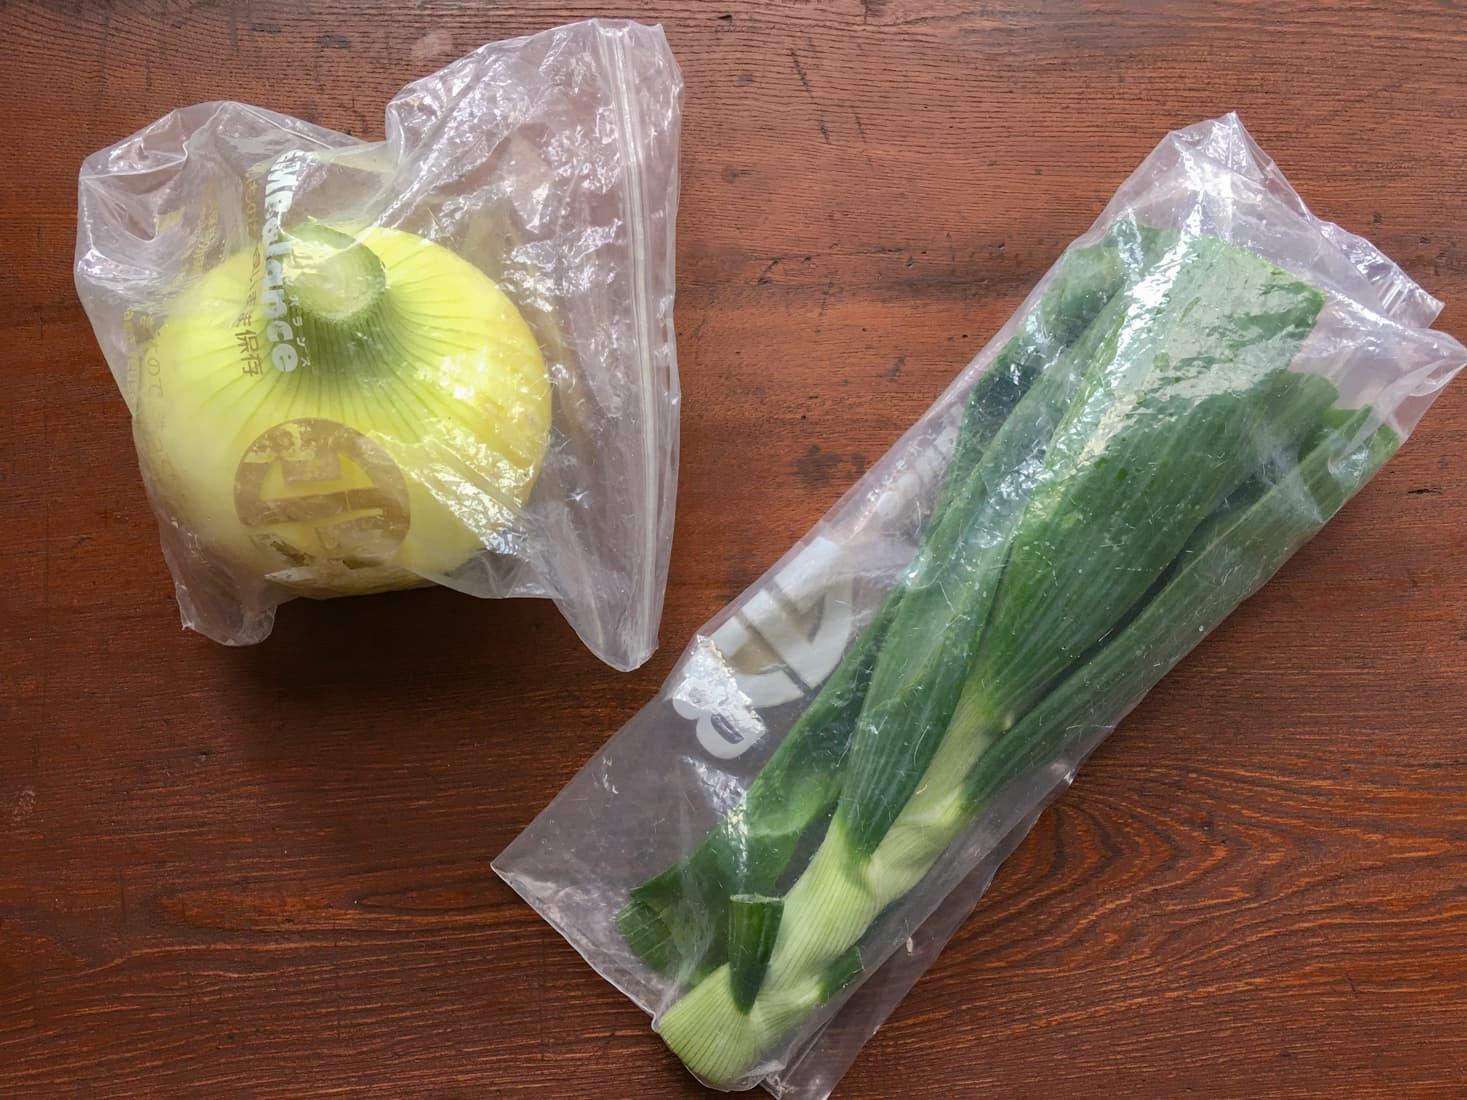 保存袋に入れた葉玉ねぎの写真